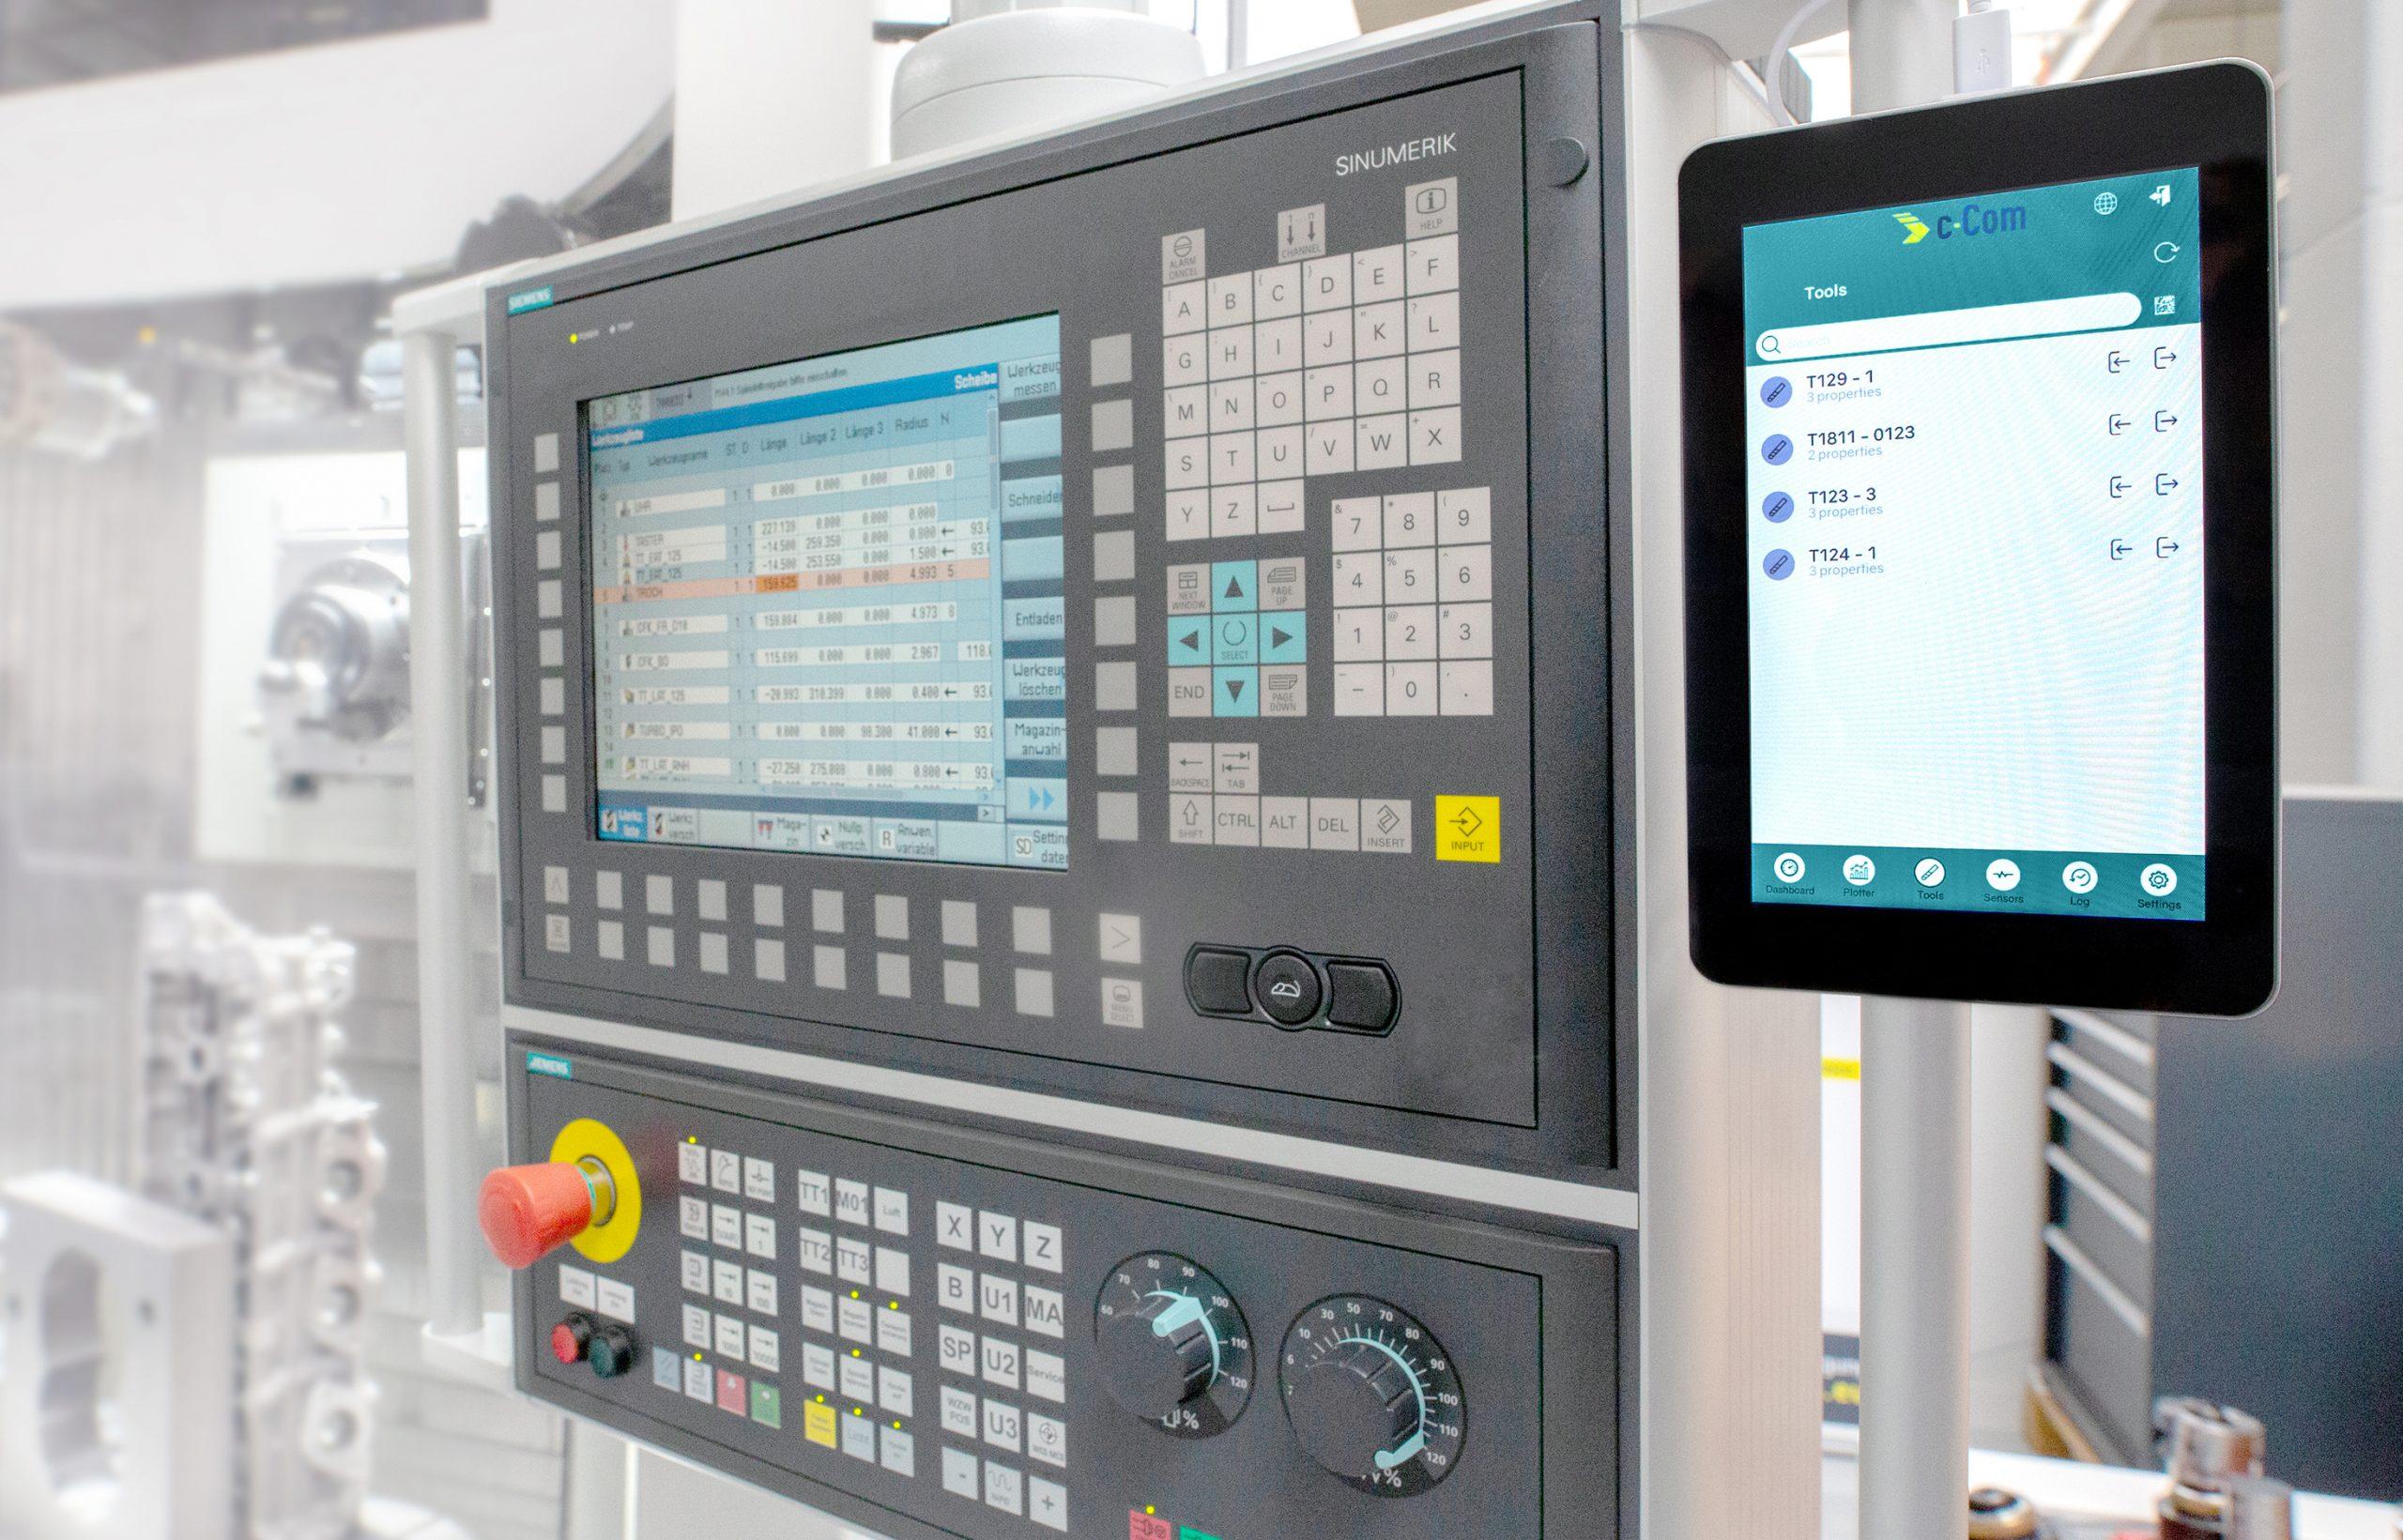 Mit C-Connect und der dazugehörigen Box hat C-Com eine Lösung entwickelt, um Messdaten direkt vom Einstellgerät an die Maschine zu übertragen. (Bild: Mapal Fabrik für Präzisionswerkzeuge)